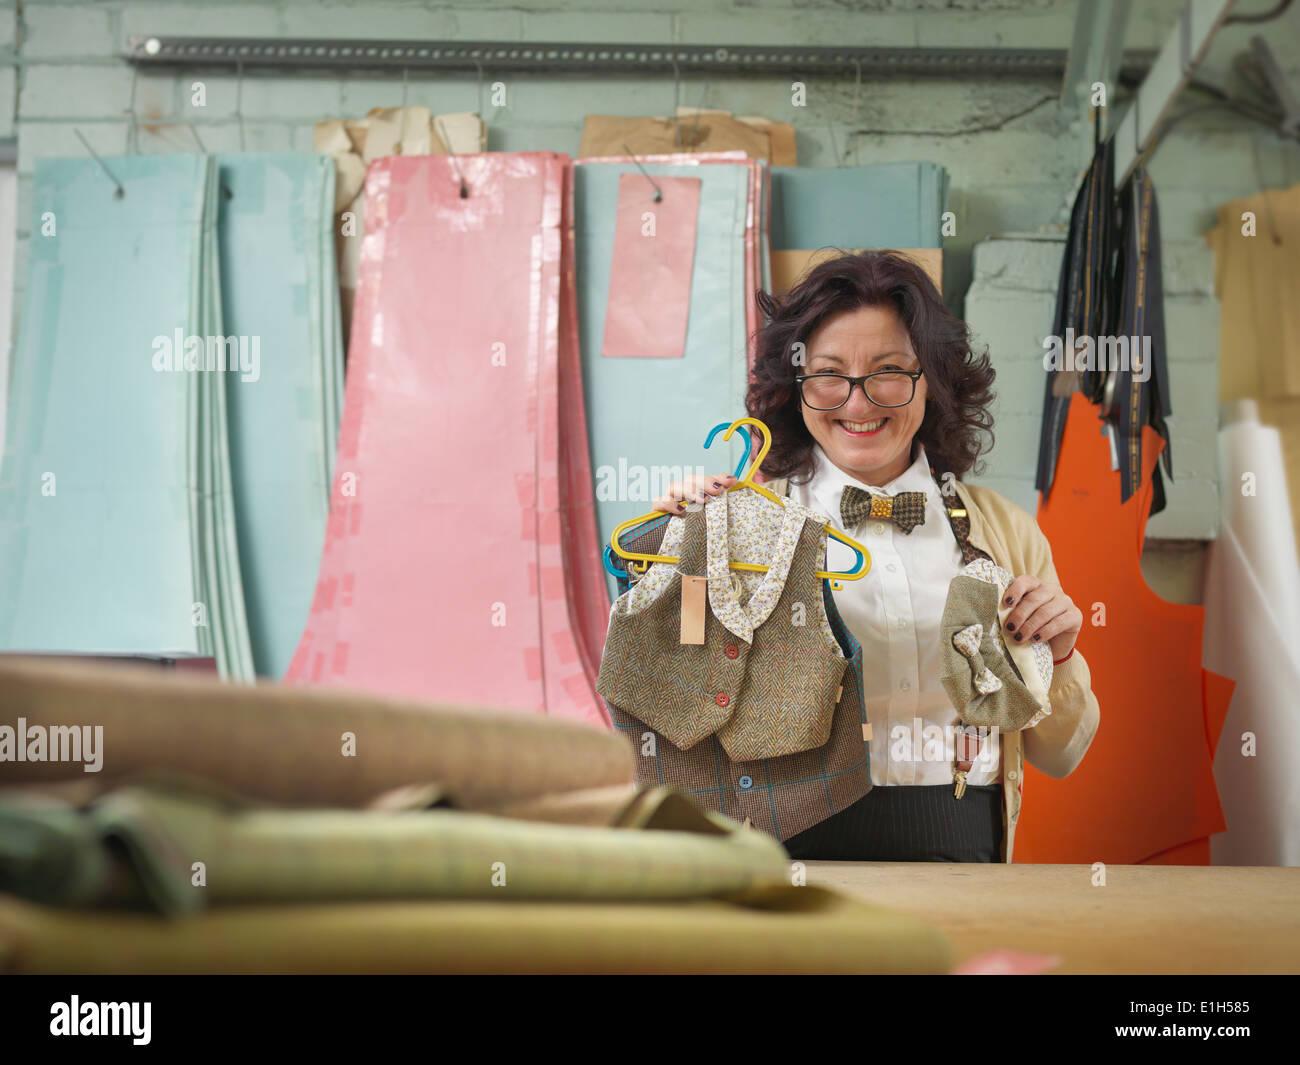 Diseñador de moda con niños desgaste en fábrica de ropa, Retrato Imagen De Stock